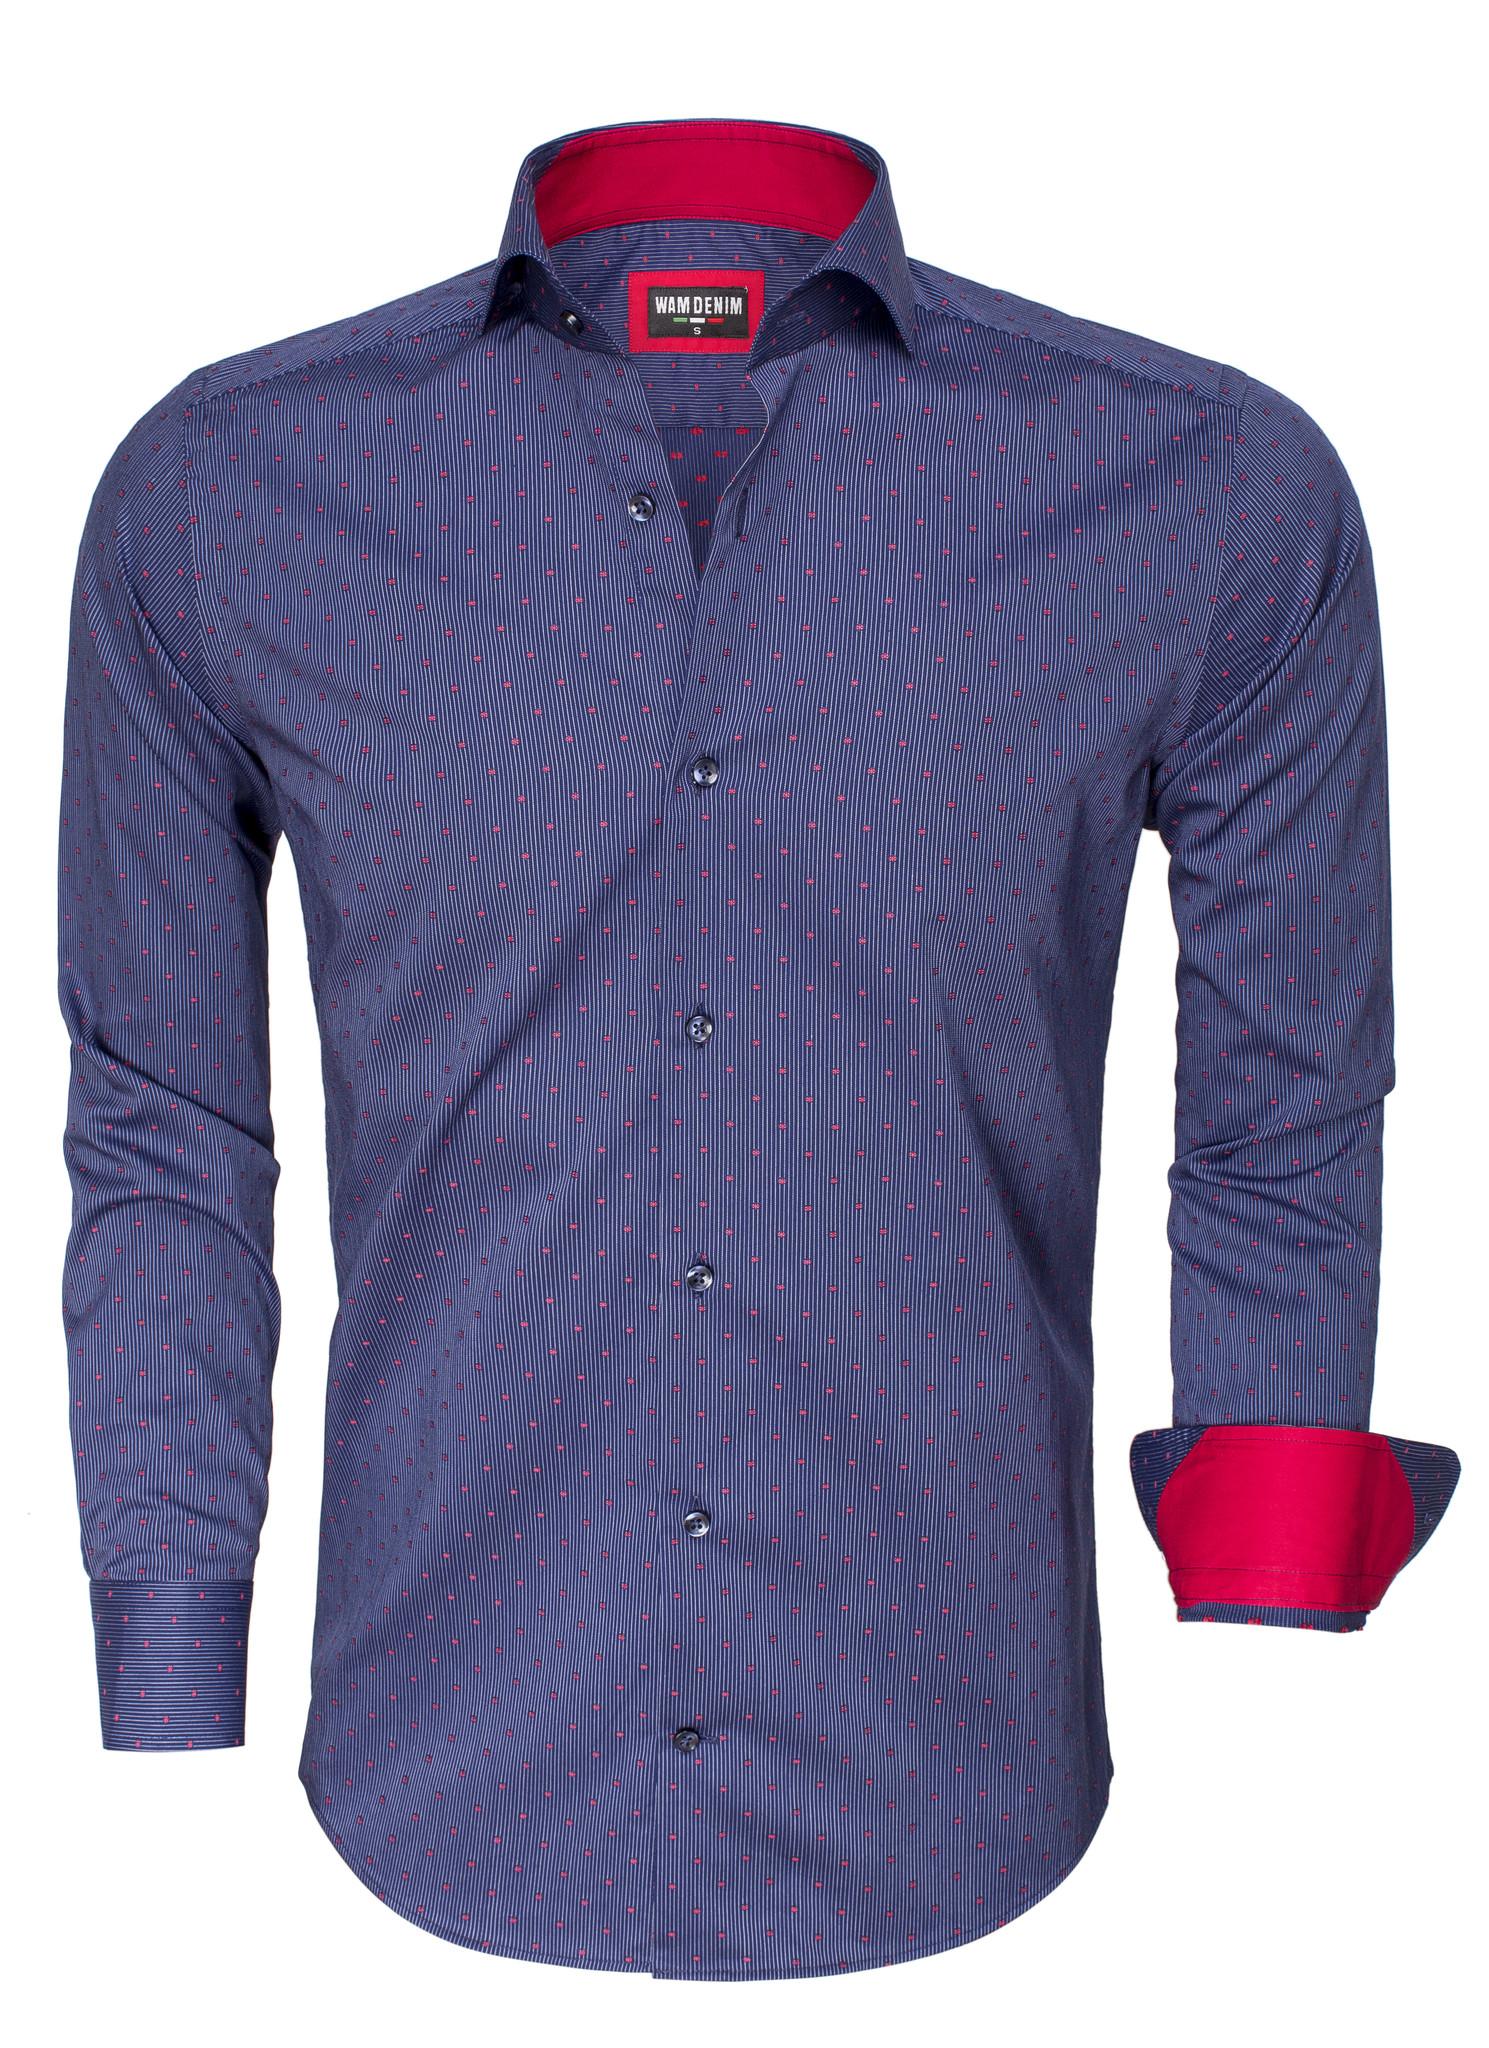 Overhemd Lange Mouw  75494 Navy Red